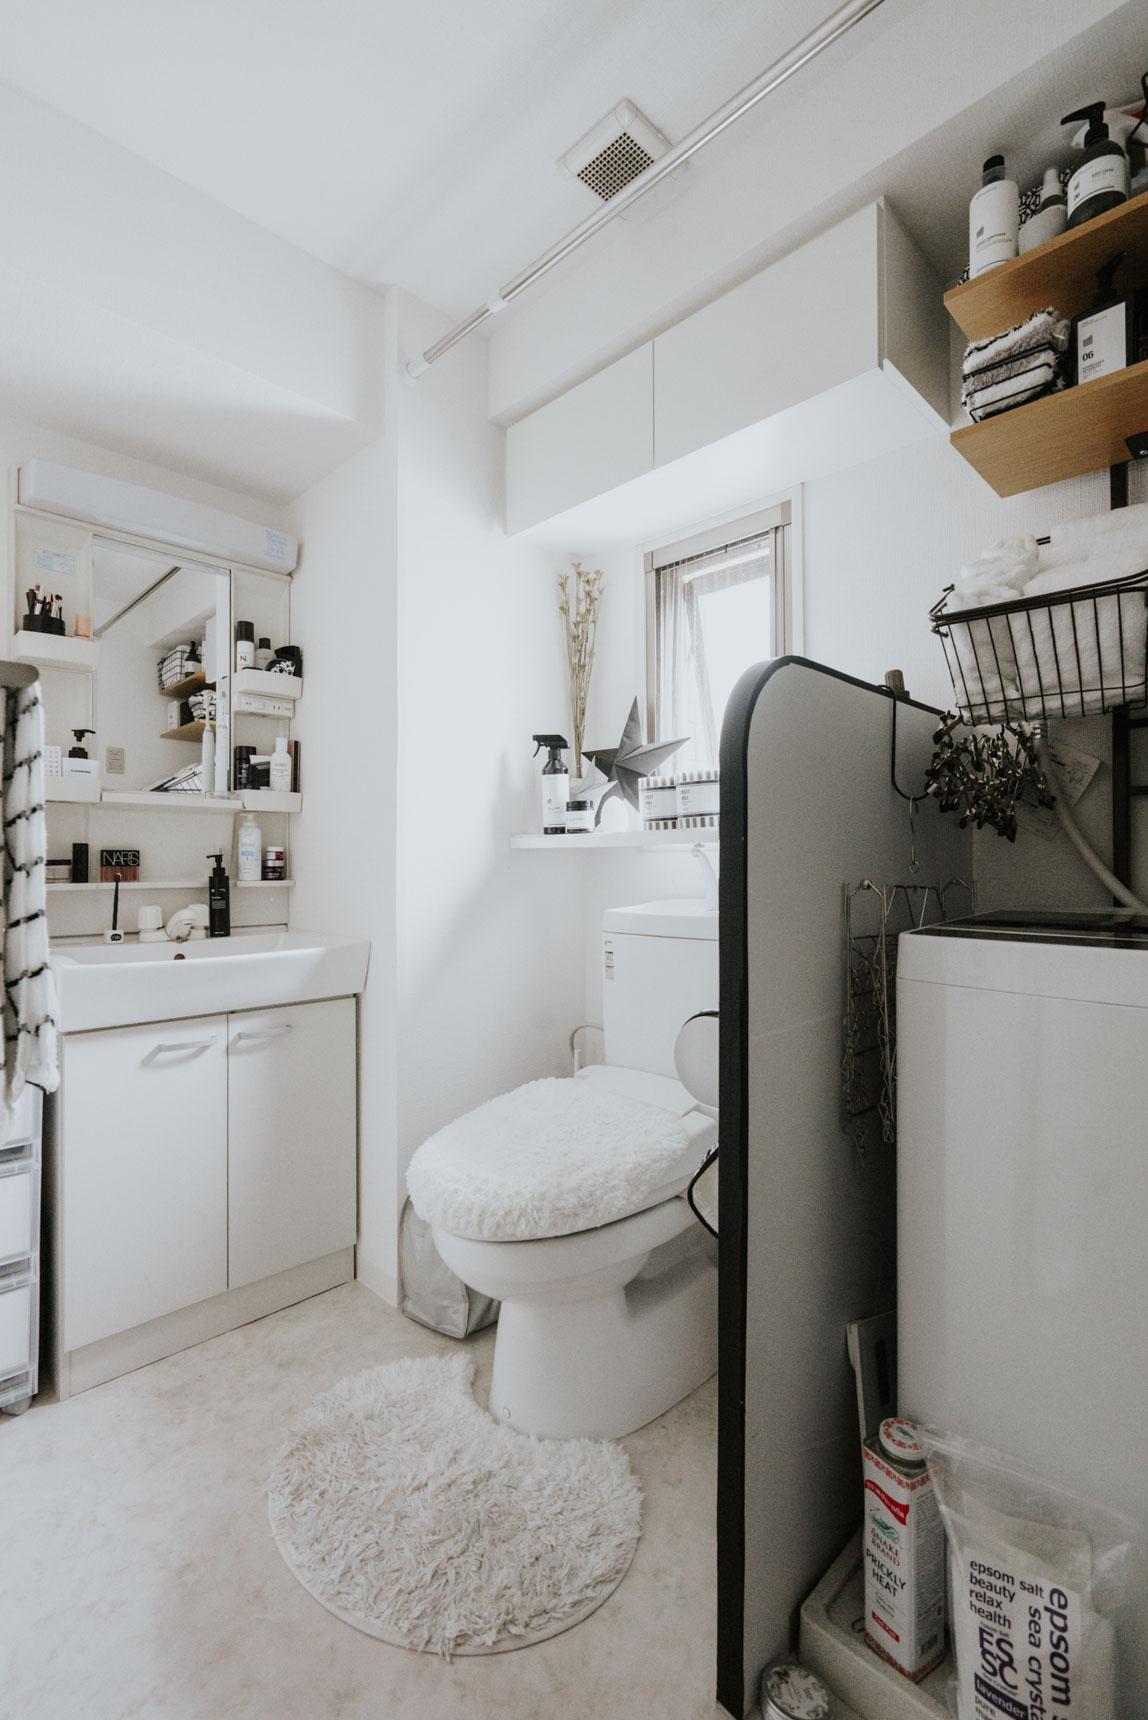 白と黒ですっきりとまとめられたサニタリースペース。バスタオルや、ボトルなど、細かいところまできっちり揃えるのがポイントです。(このお部屋はこちら)